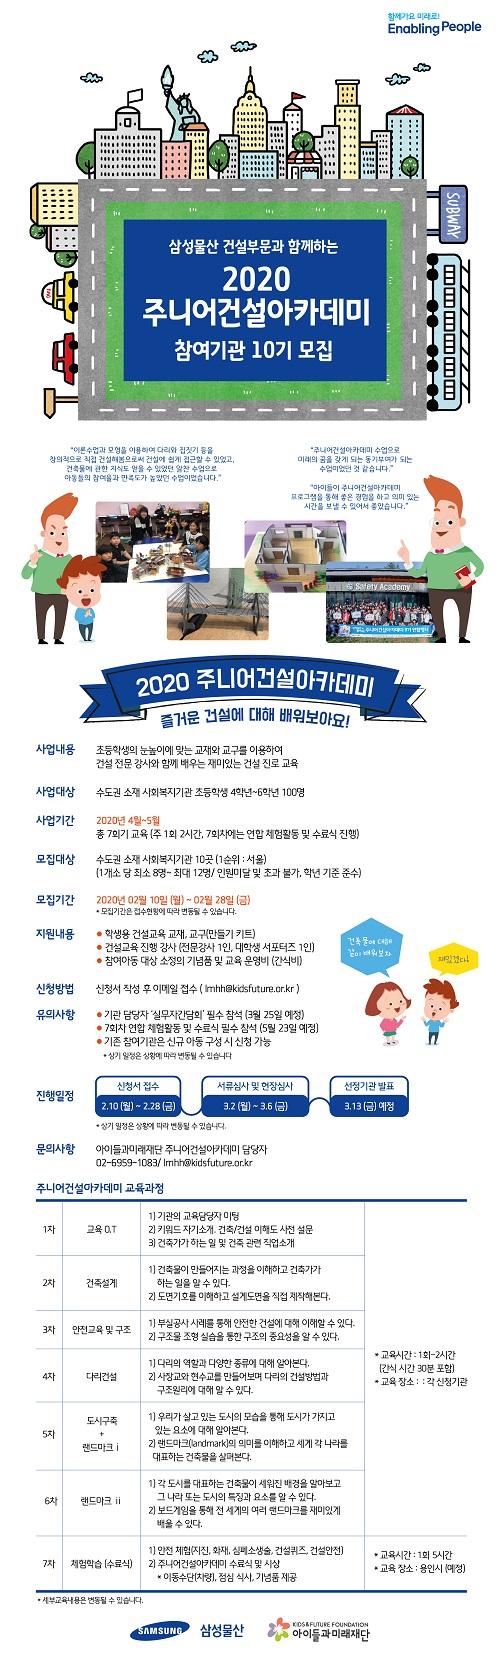 주건아 10기 참여기관 모집_최종_크기조정.jpg